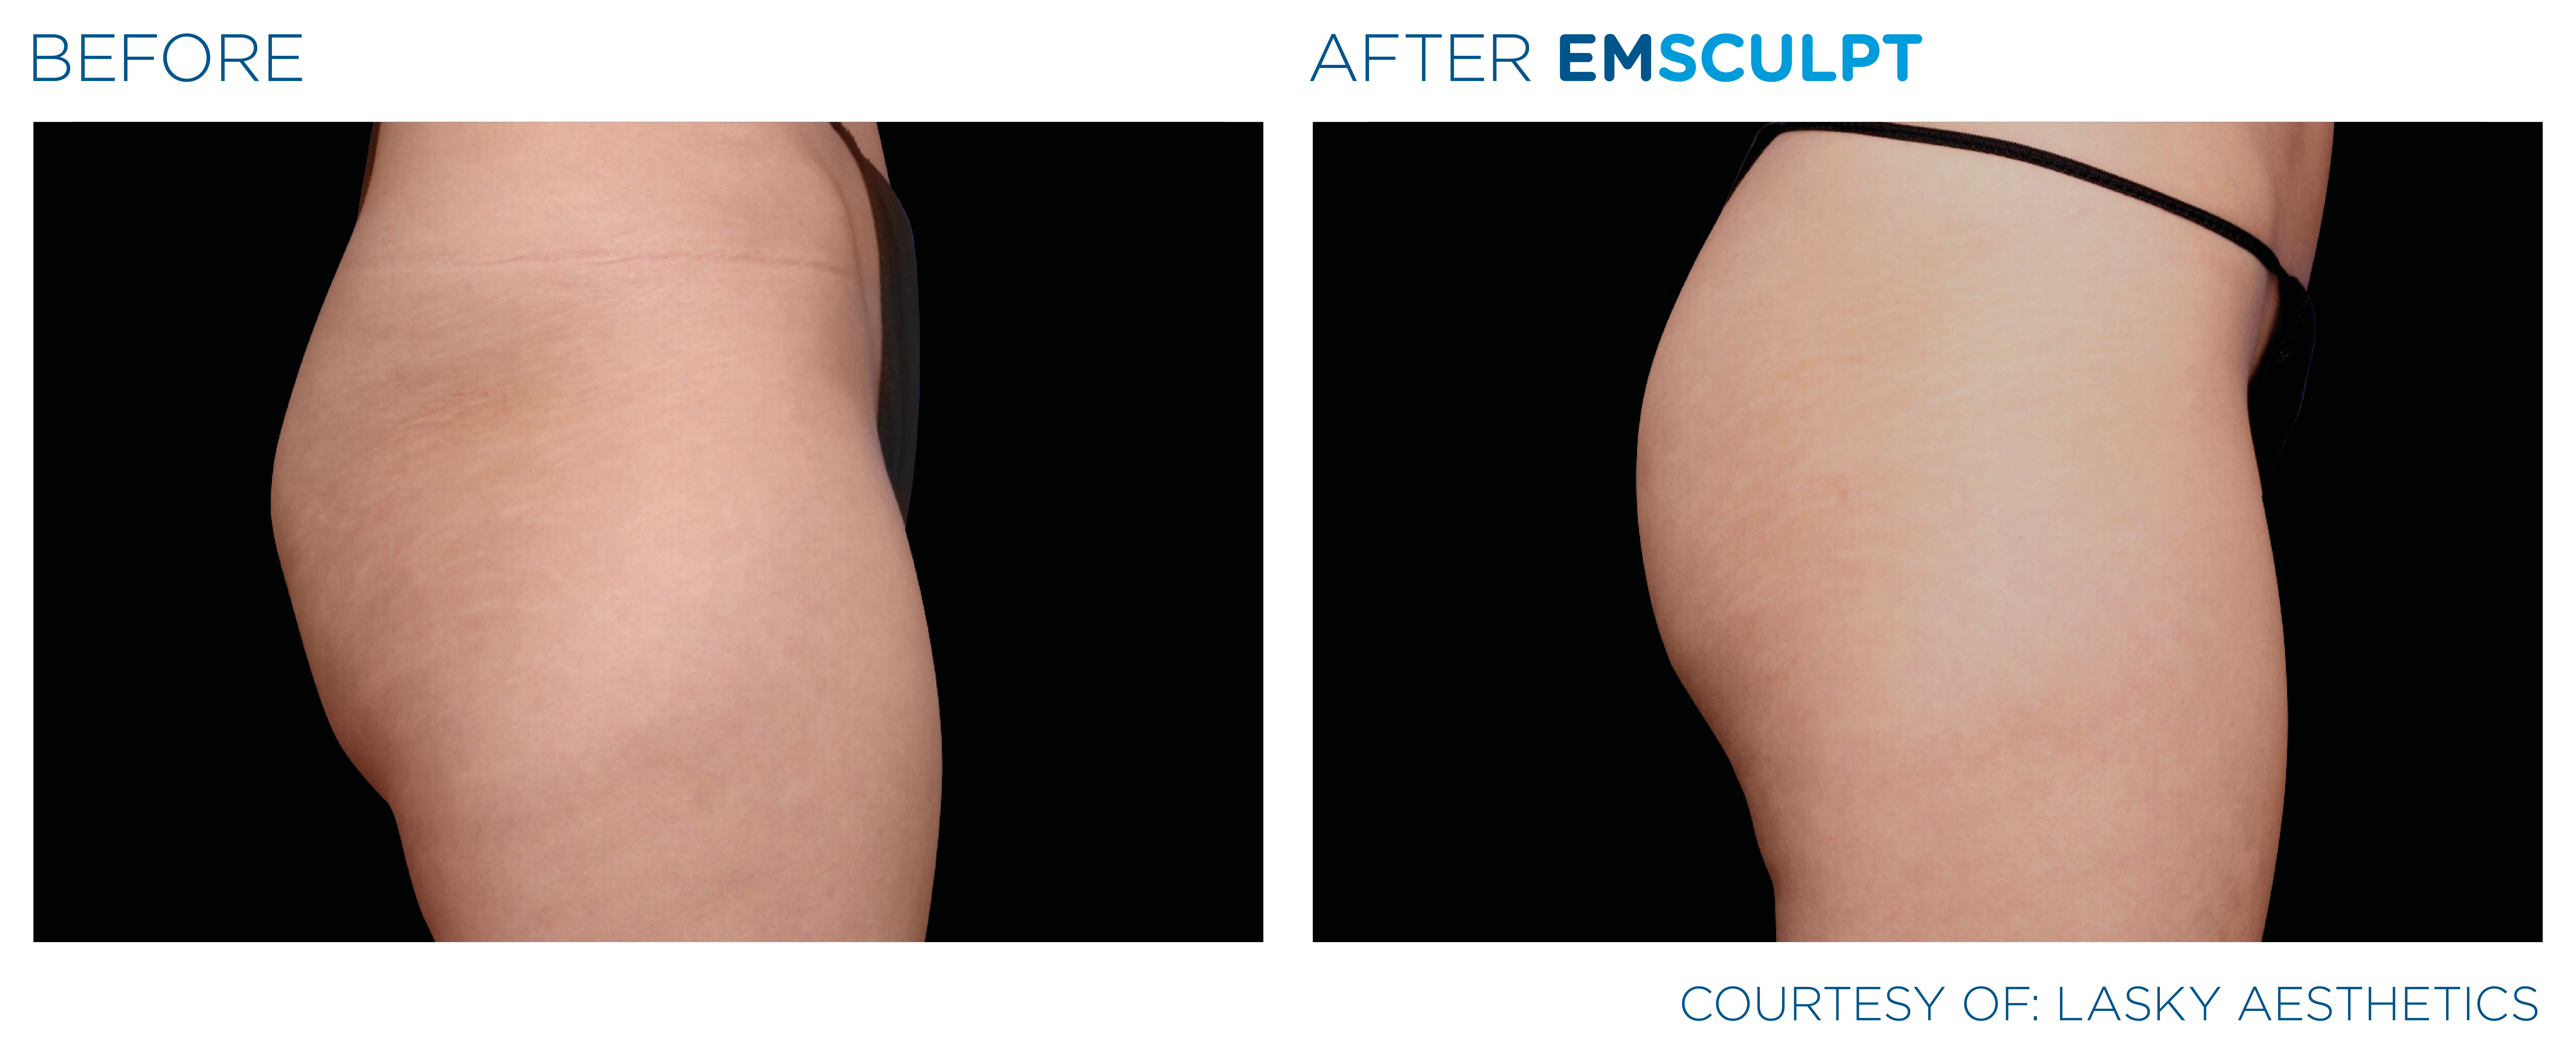 Before and After EMSculpt Butt Lift